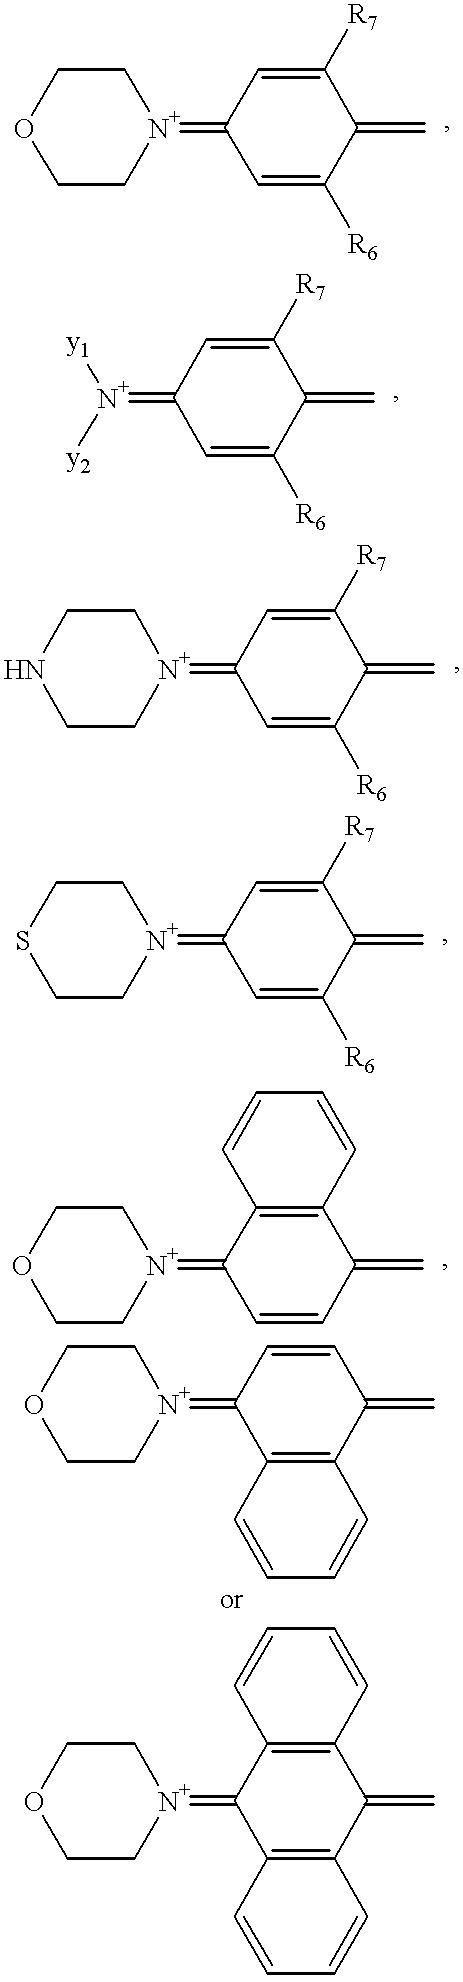 Figure US06265458-20010724-C00059